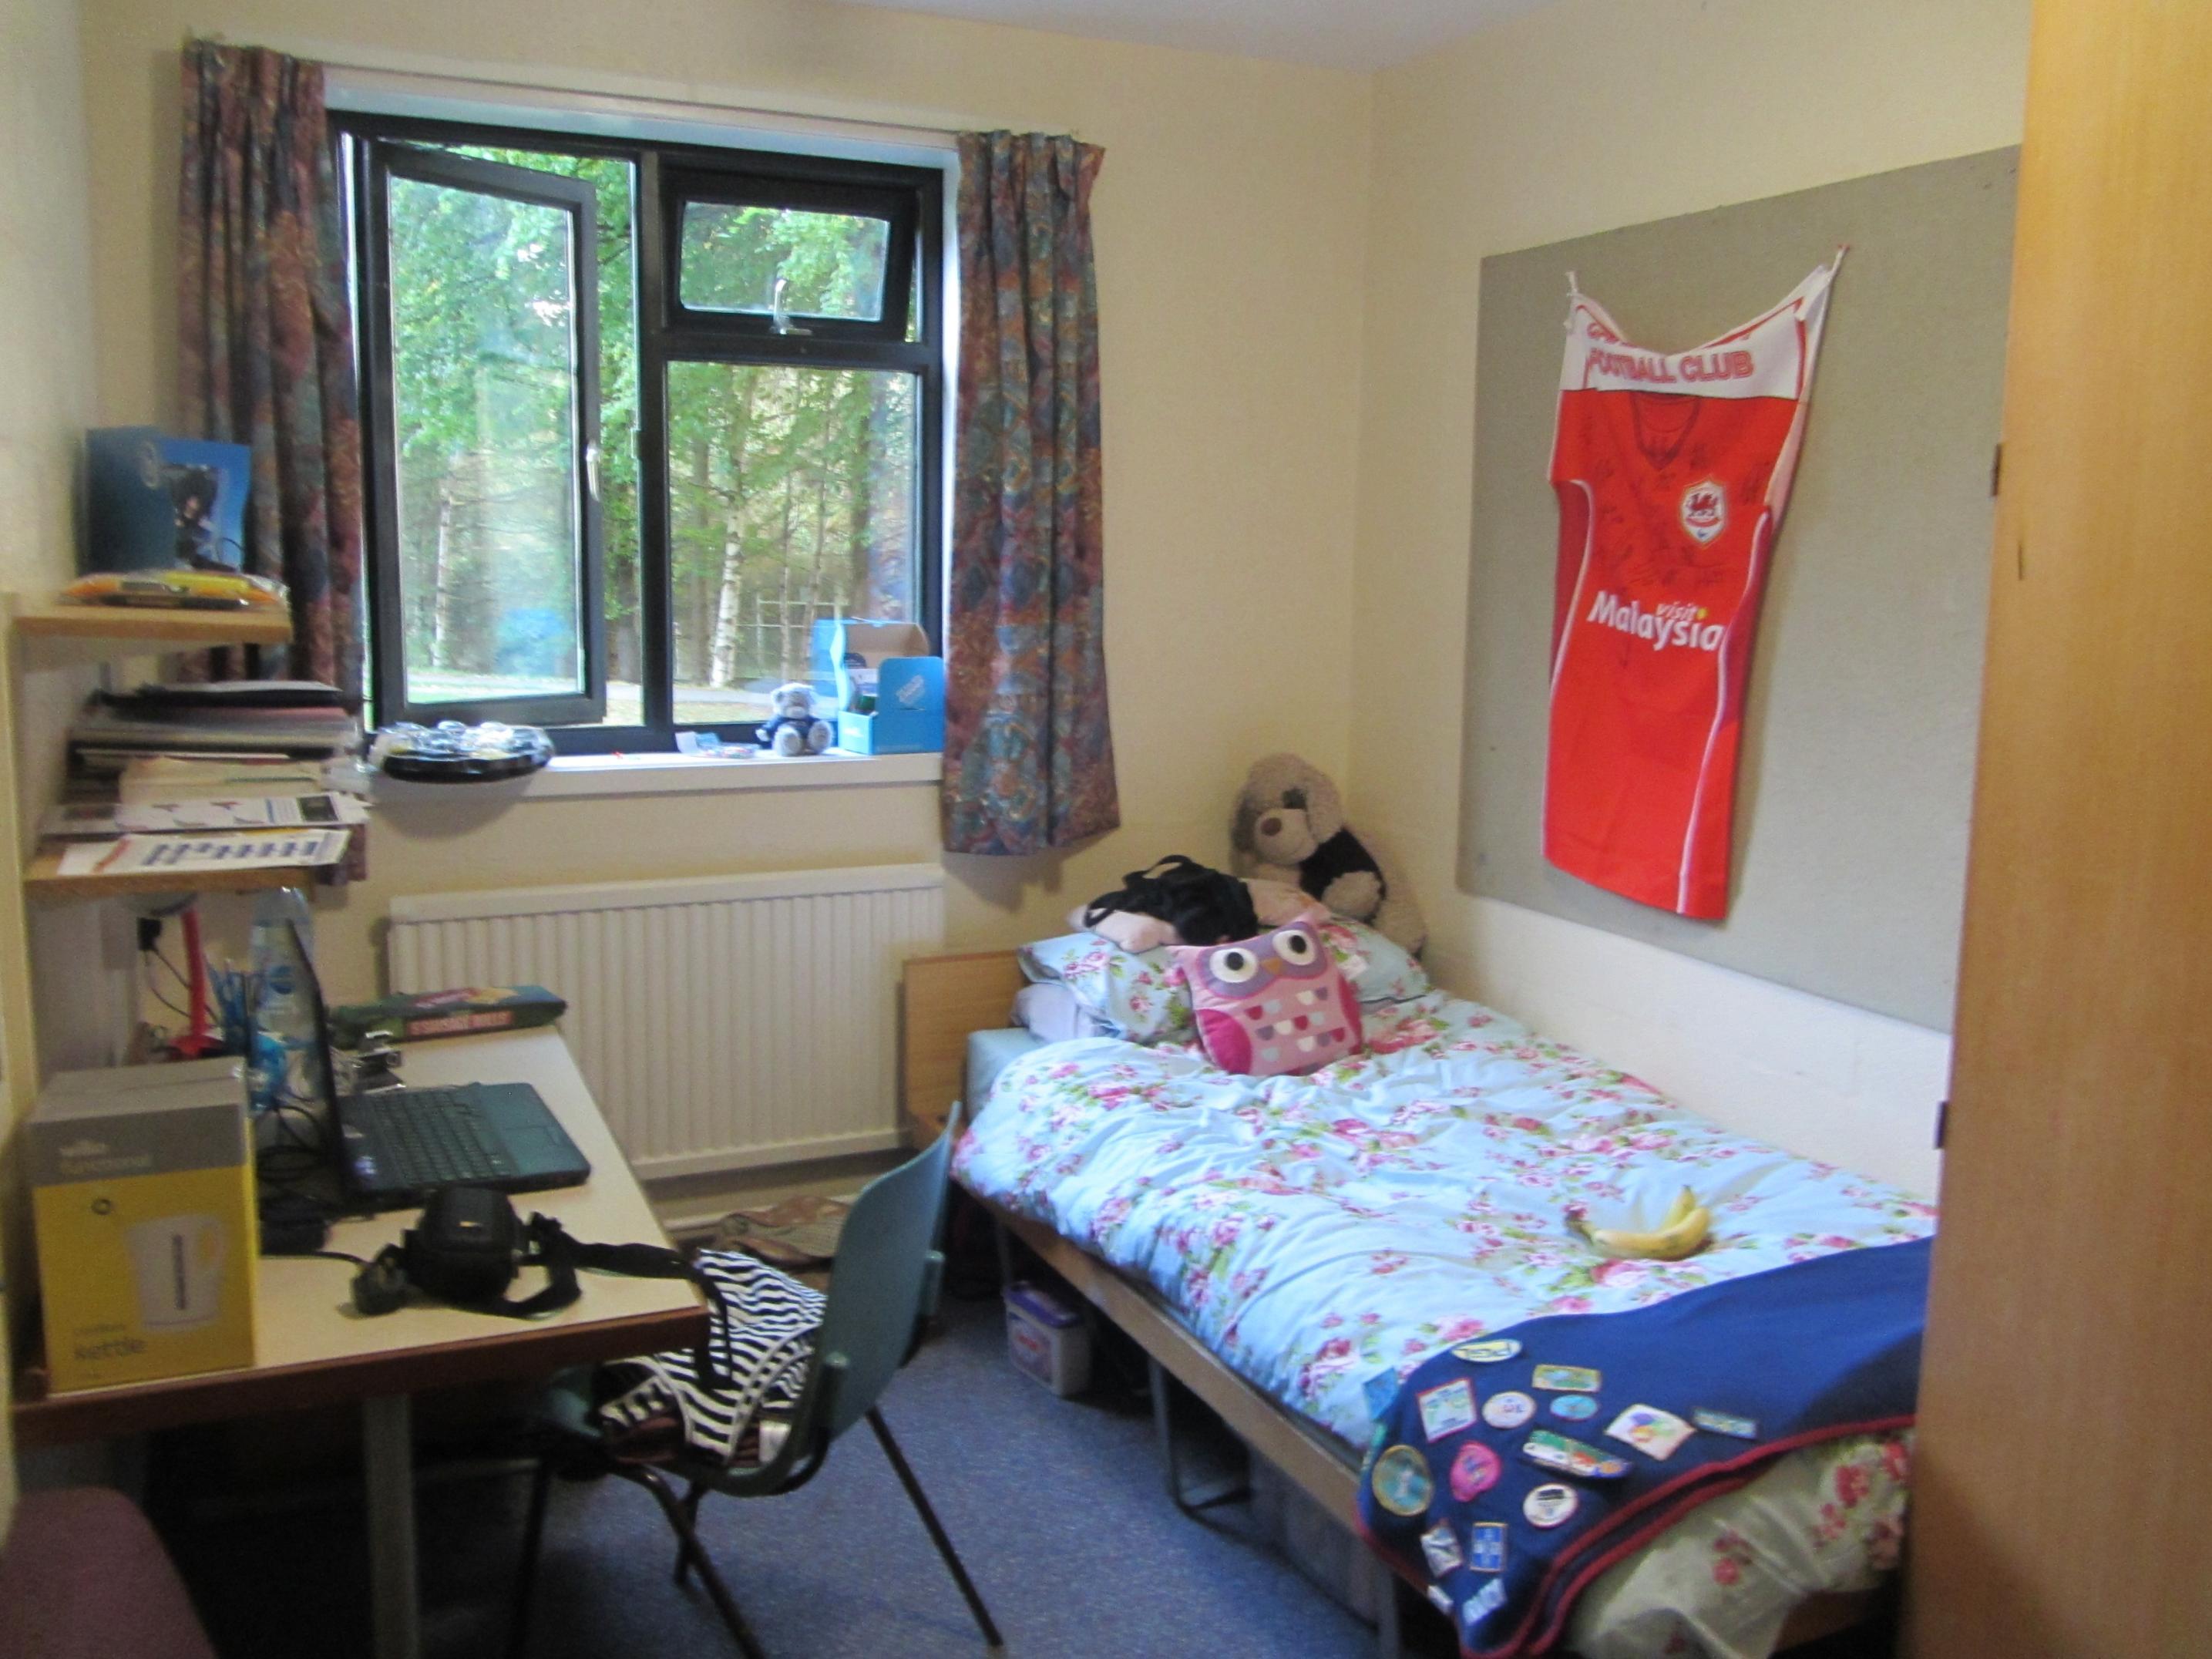 Lampeter University Ensuite Room